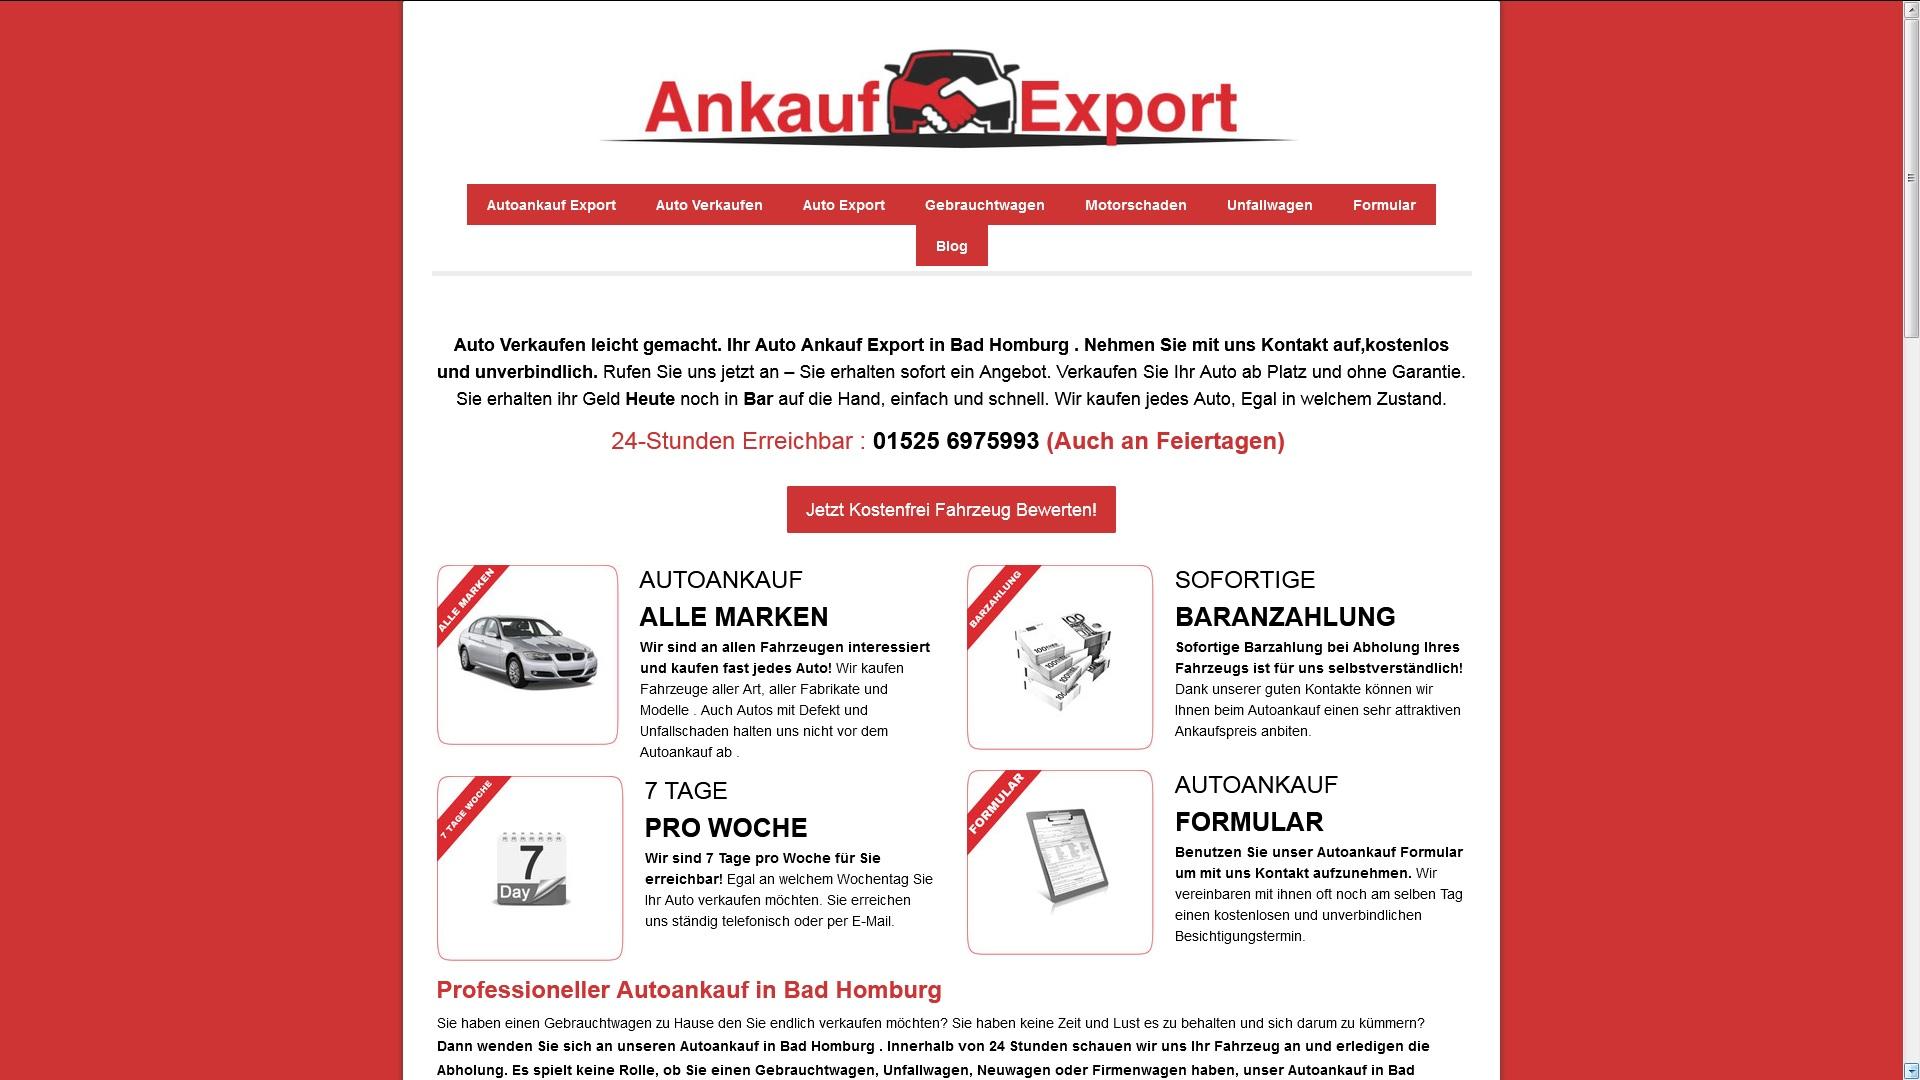 Autoanakuf Papenburg